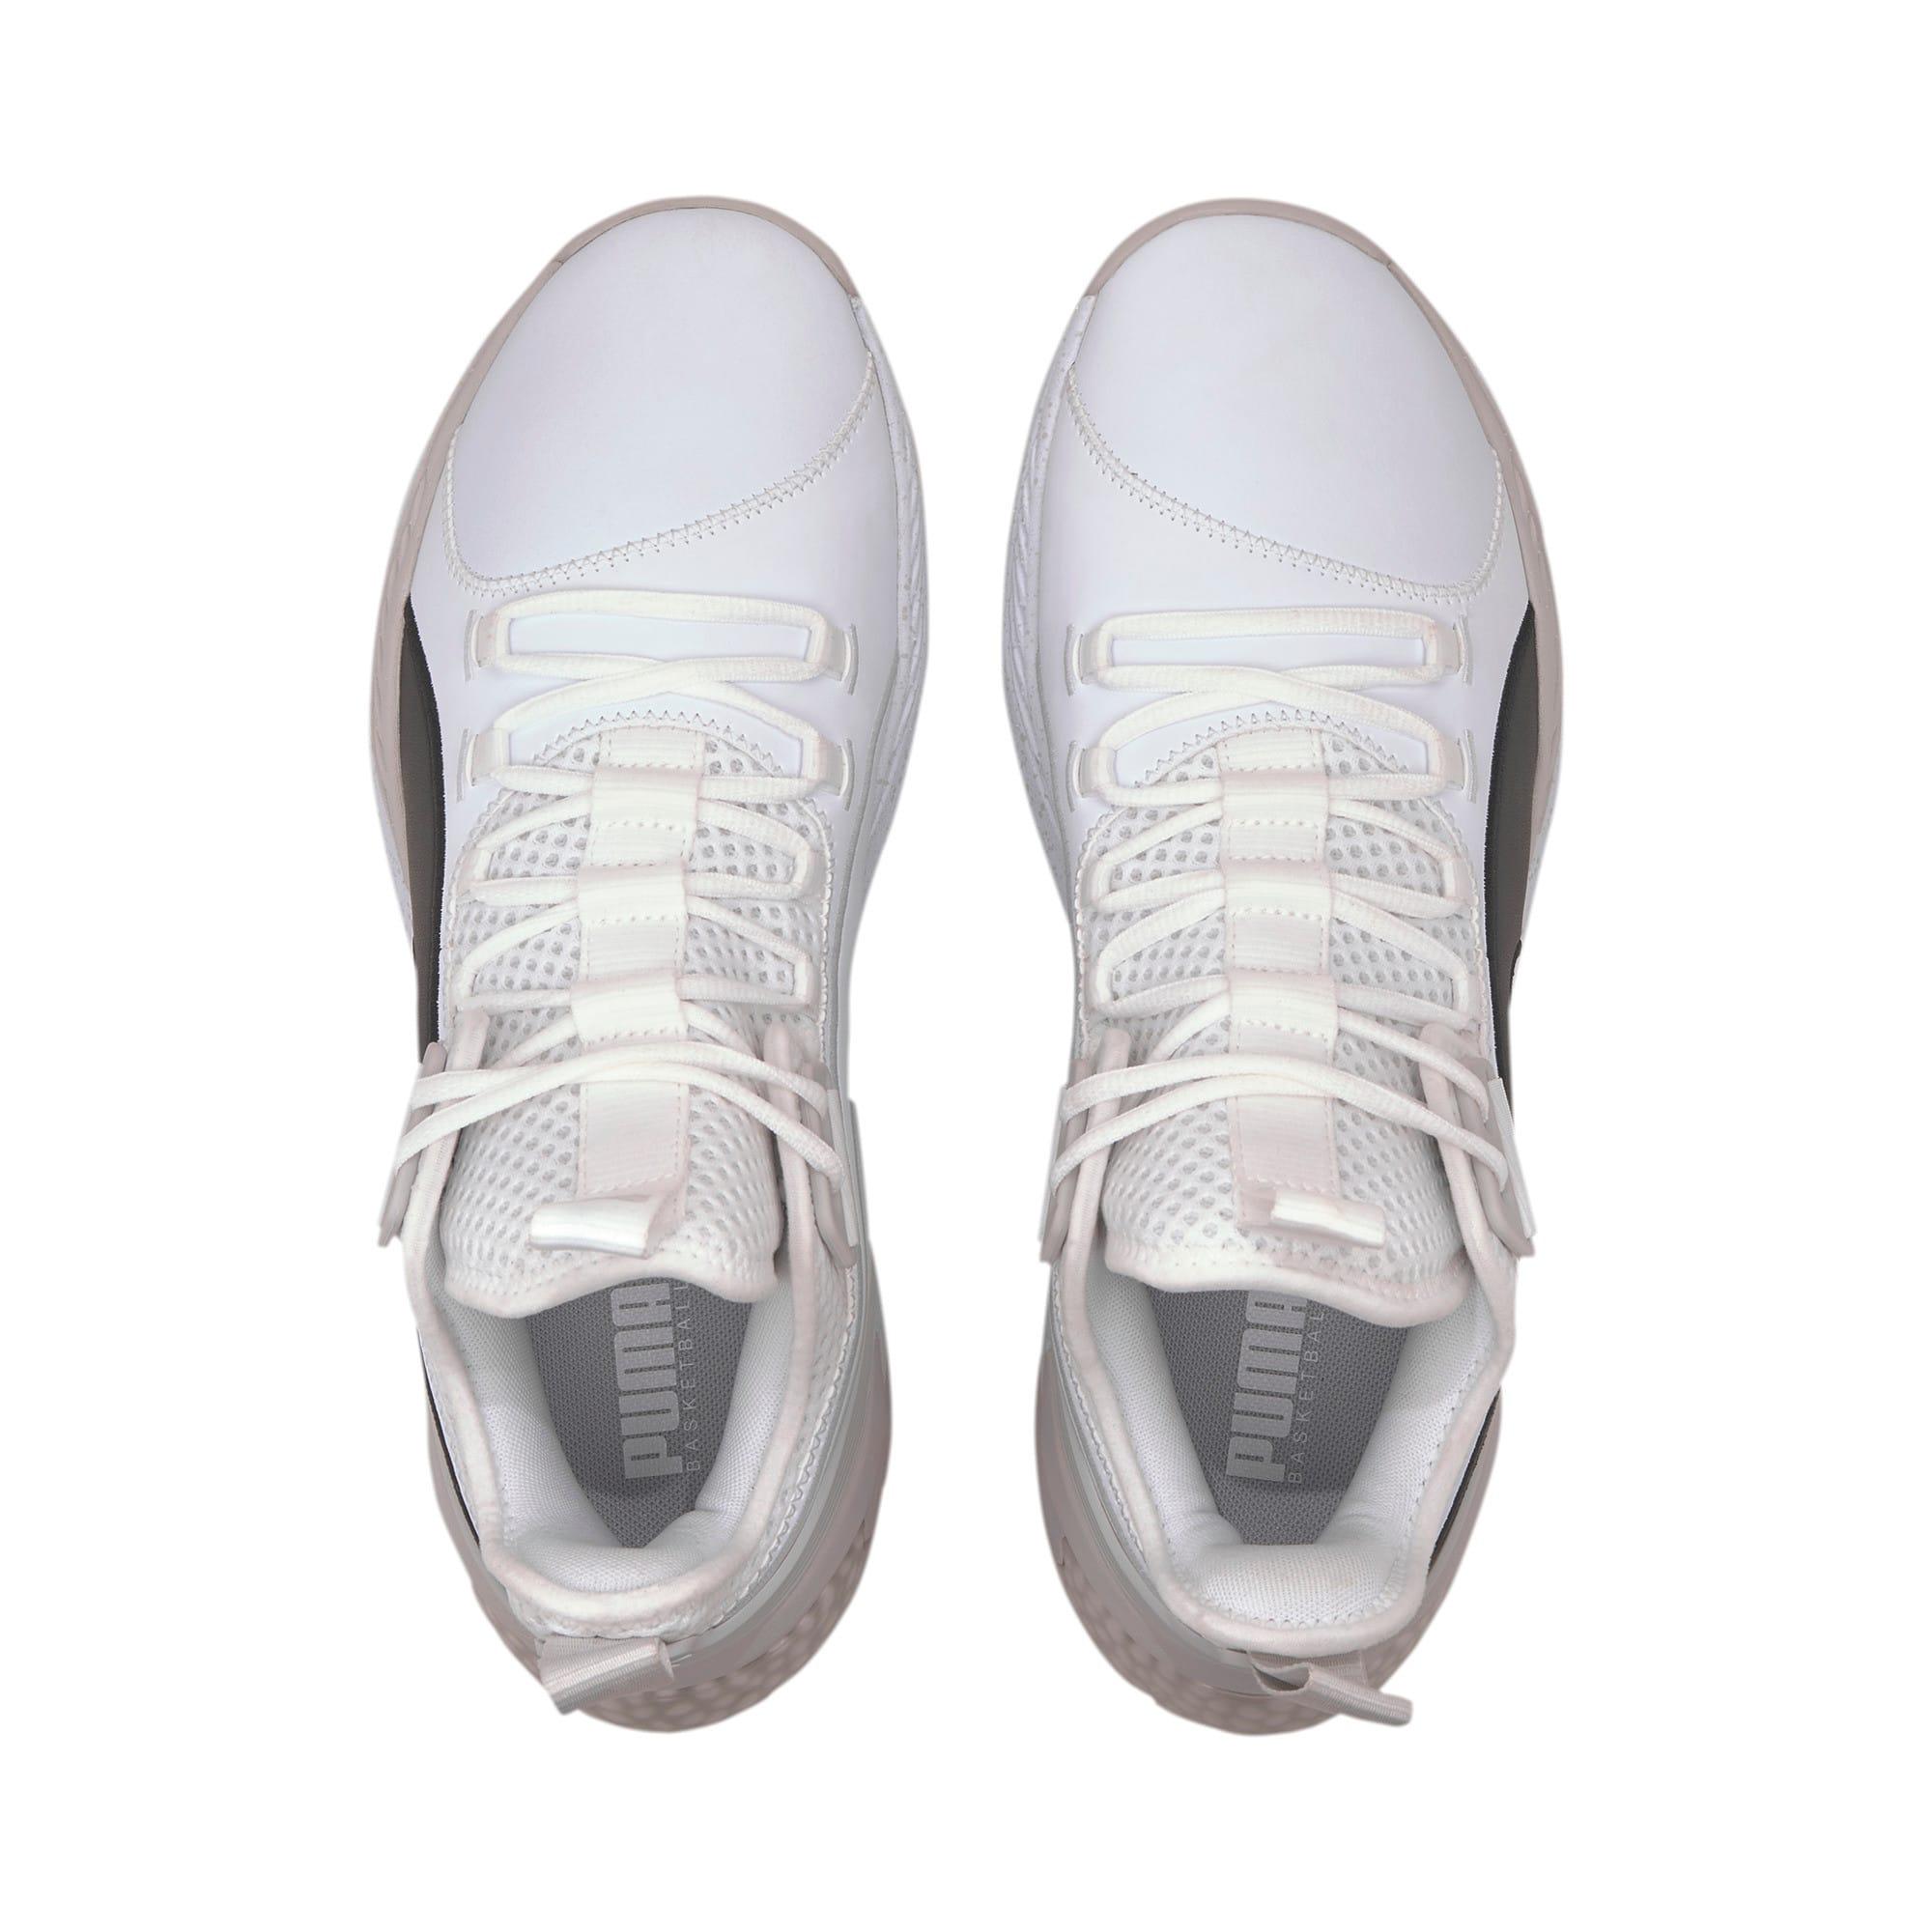 Imagen en miniatura 6 de Zapatillas de baloncesto de hombre Uproar Core, Puma White-Glacier Gray, mediana